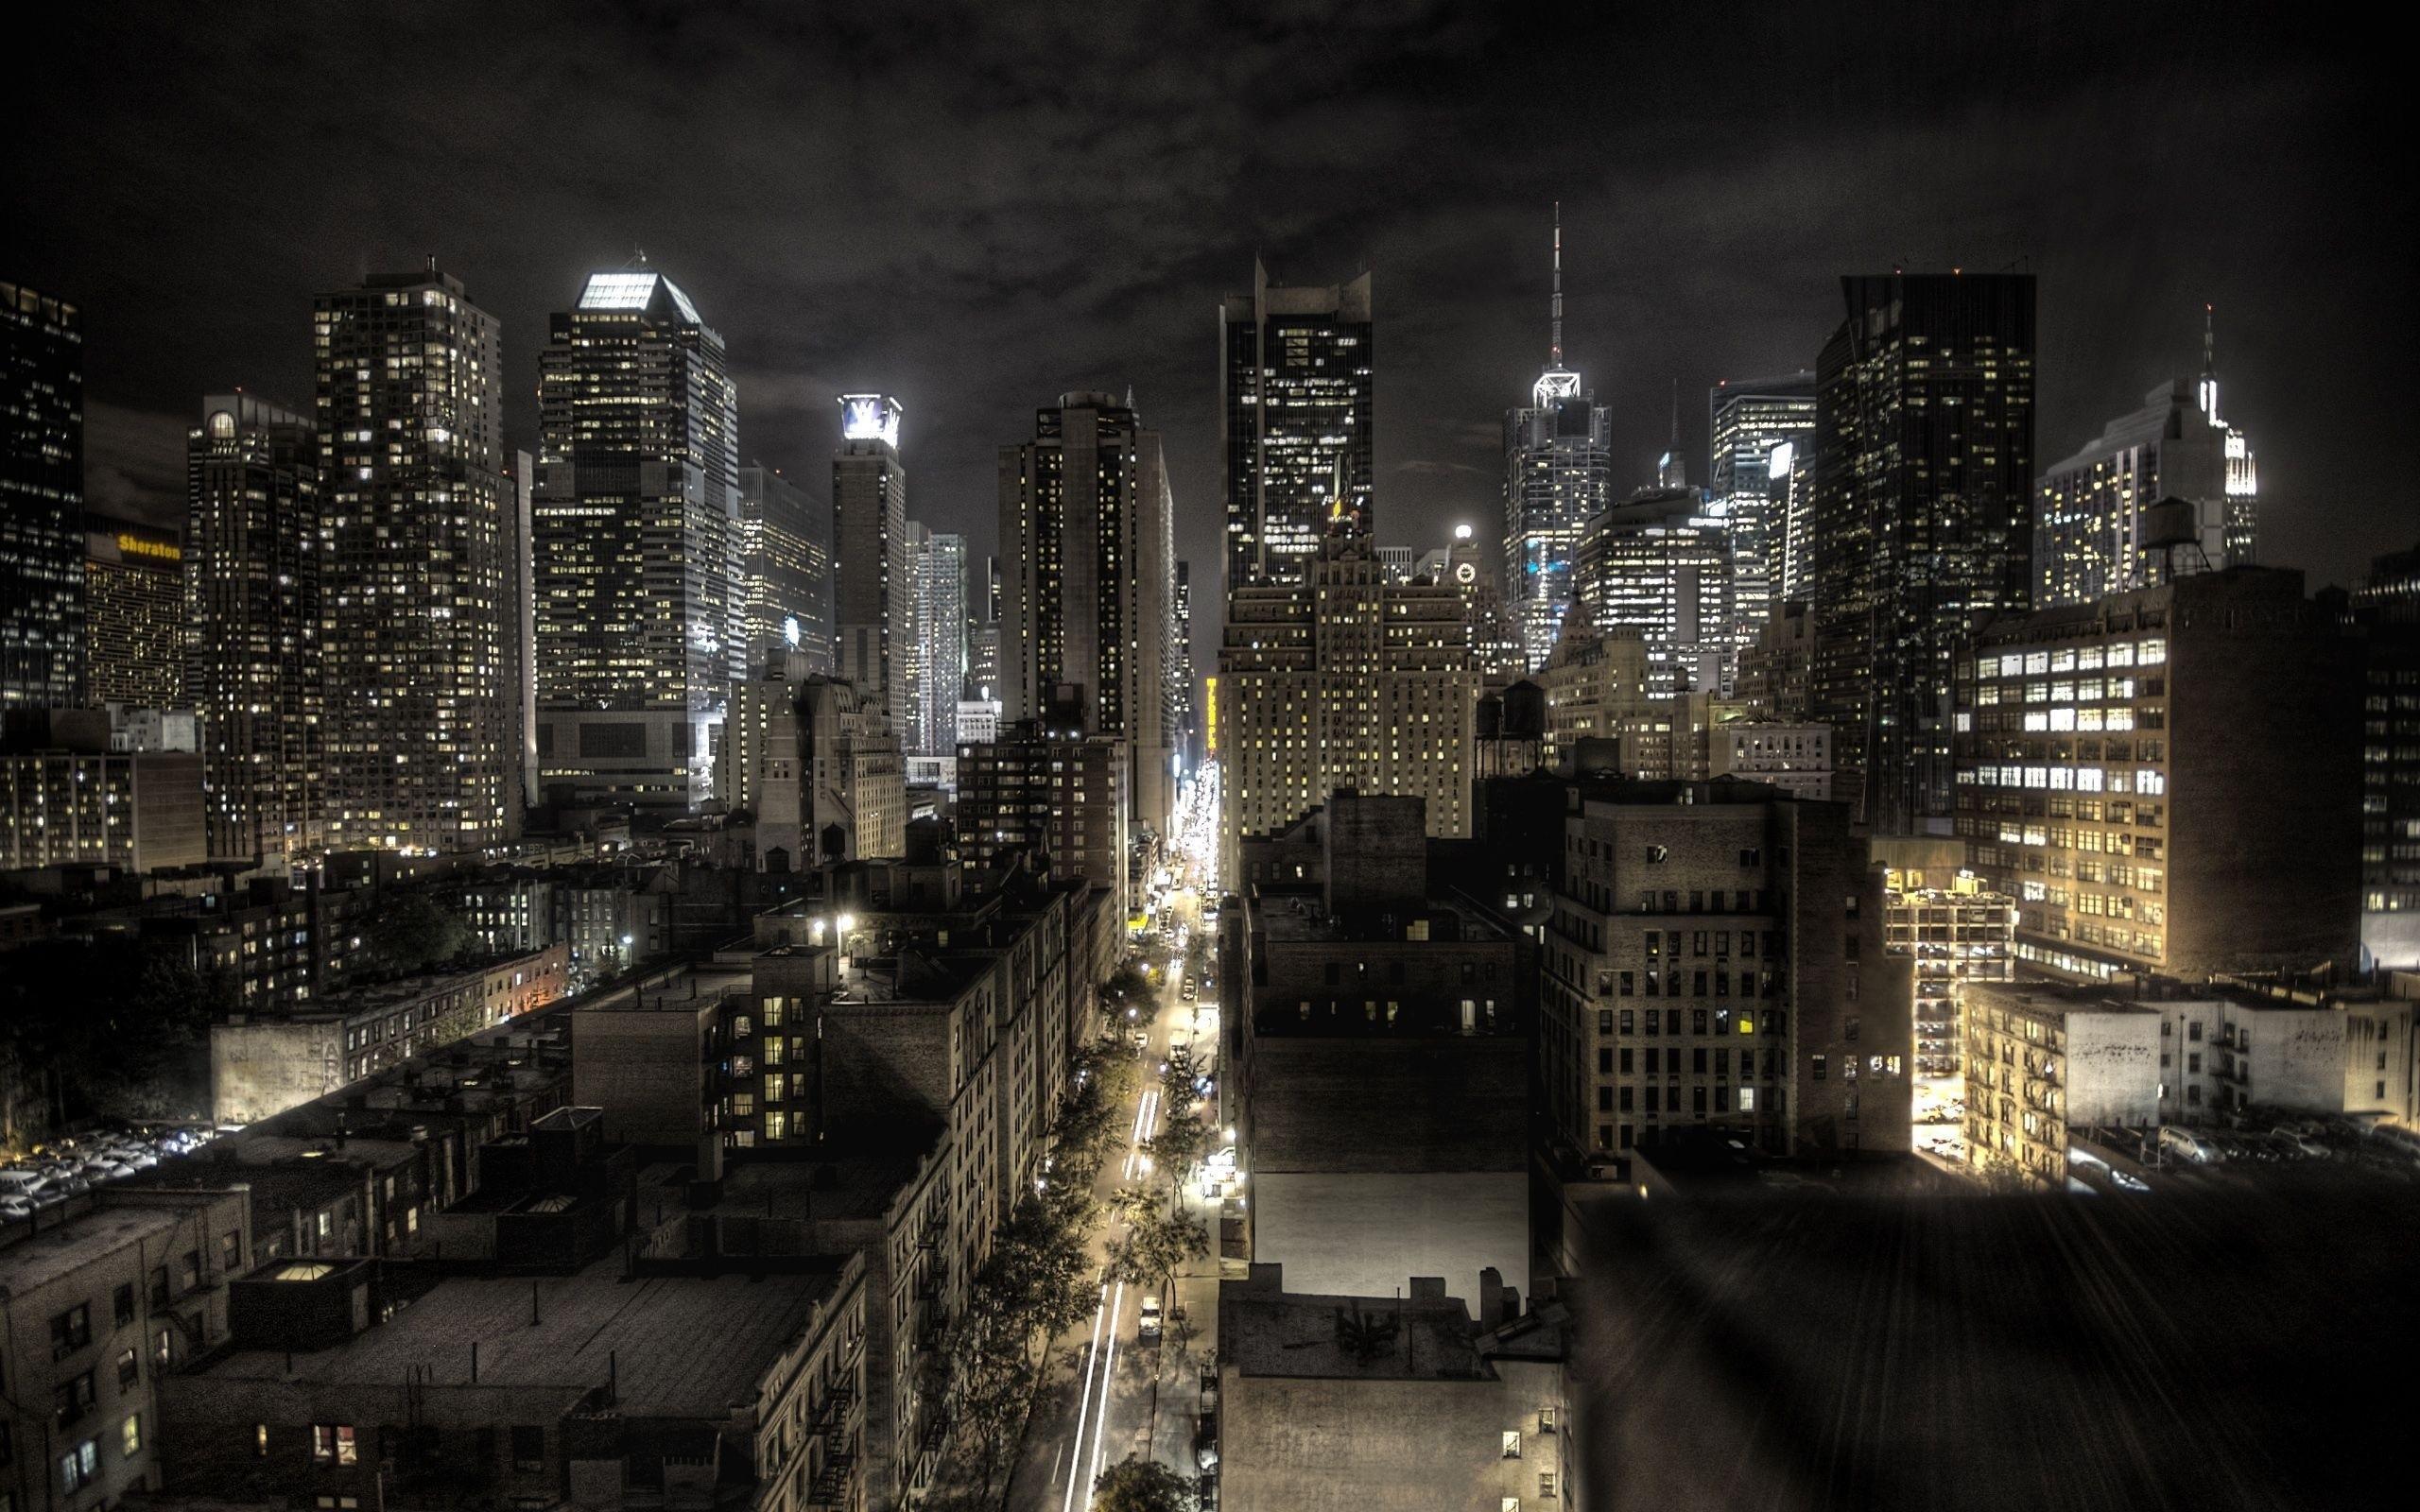 они фотографии ночных мегаполисов могут быть